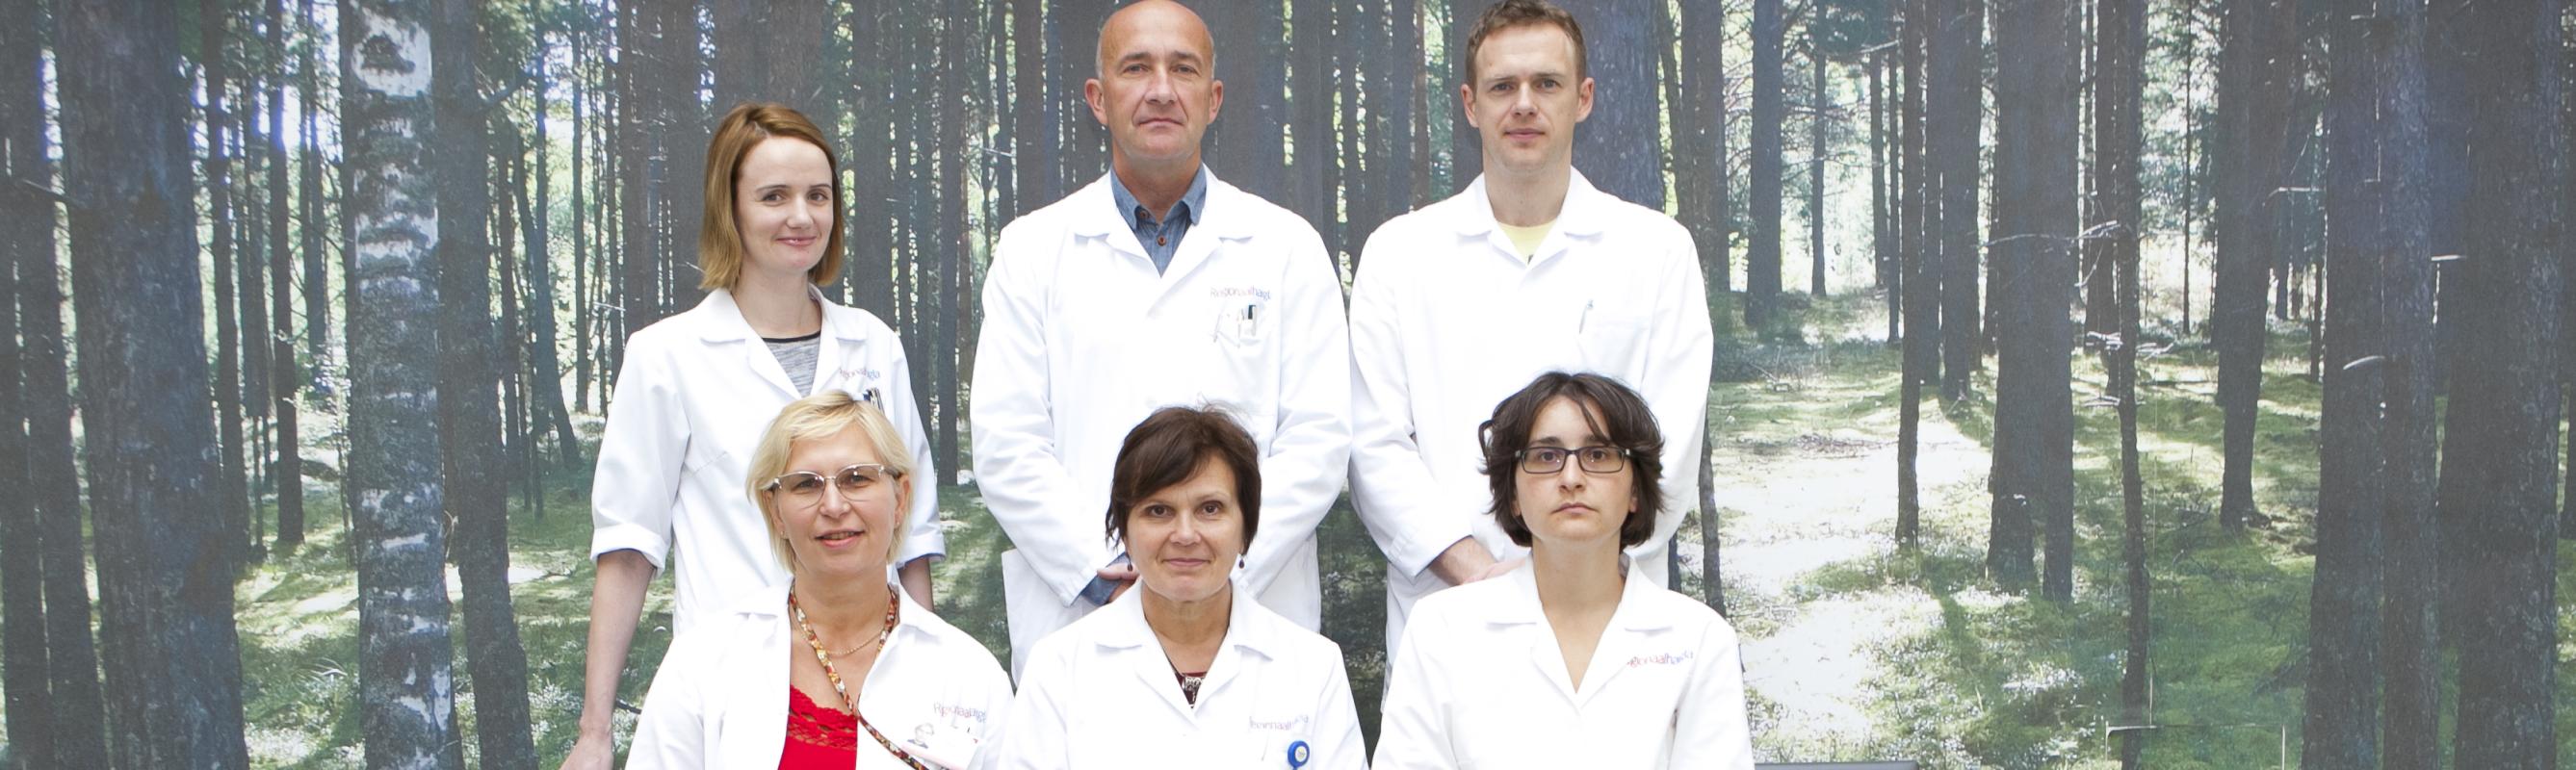 Torakaalonkoloogia töörühm